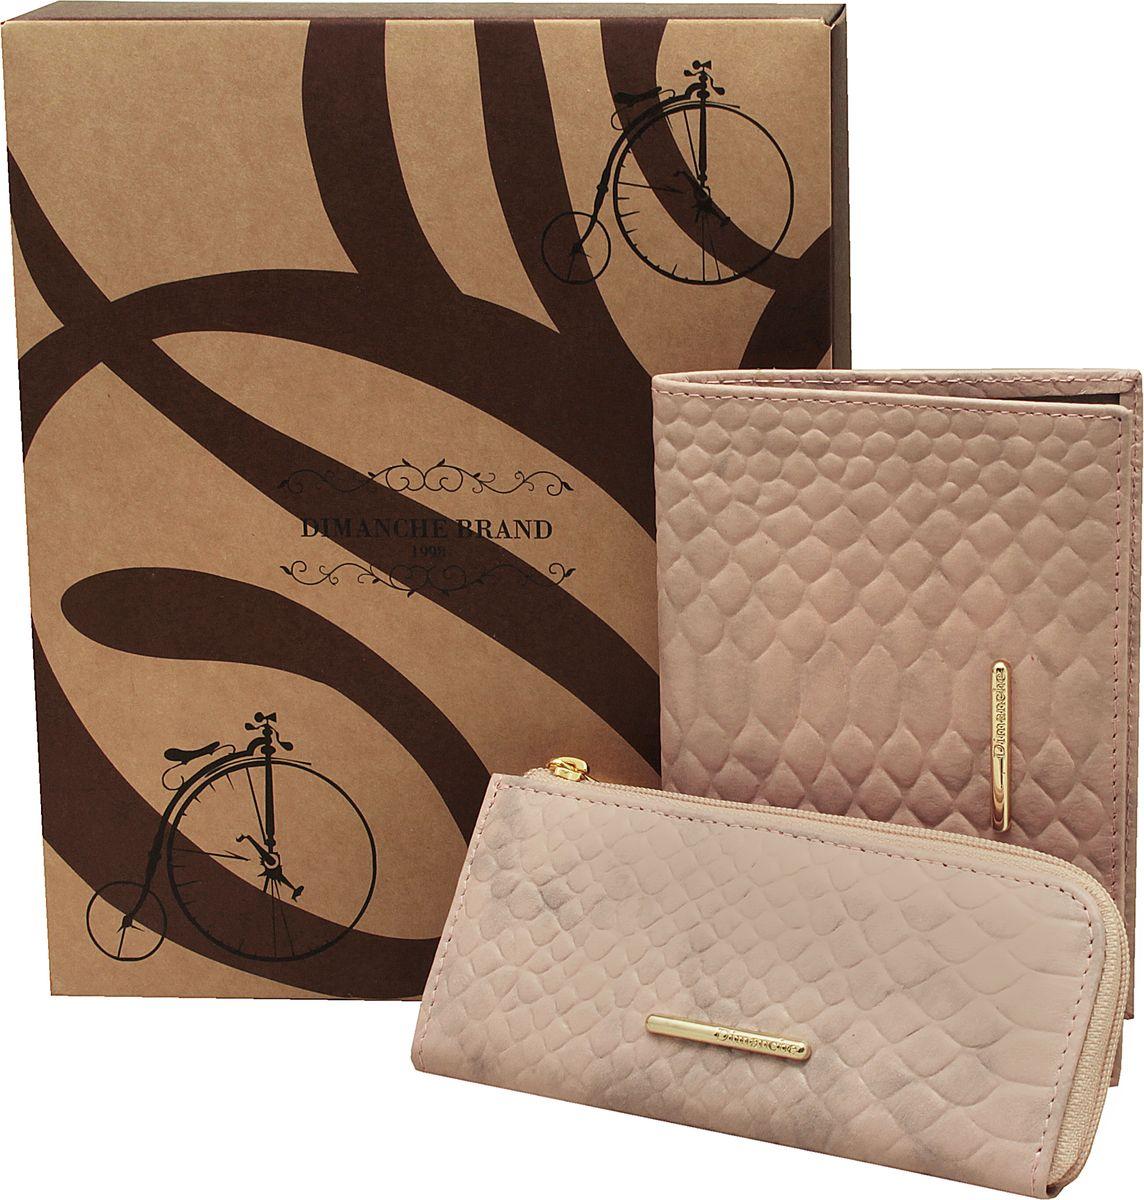 Набор подарочный женский Dimanche Nice, цвет: розовый. 389/790/795389/790/795Набор состоит из обложки для паспорта и удобной ключницы на молнии с дополнительным кармашком. Изделия из мягкой натуральной кожи с изящным украшением. Набор упакован в подарочную картонную коробку